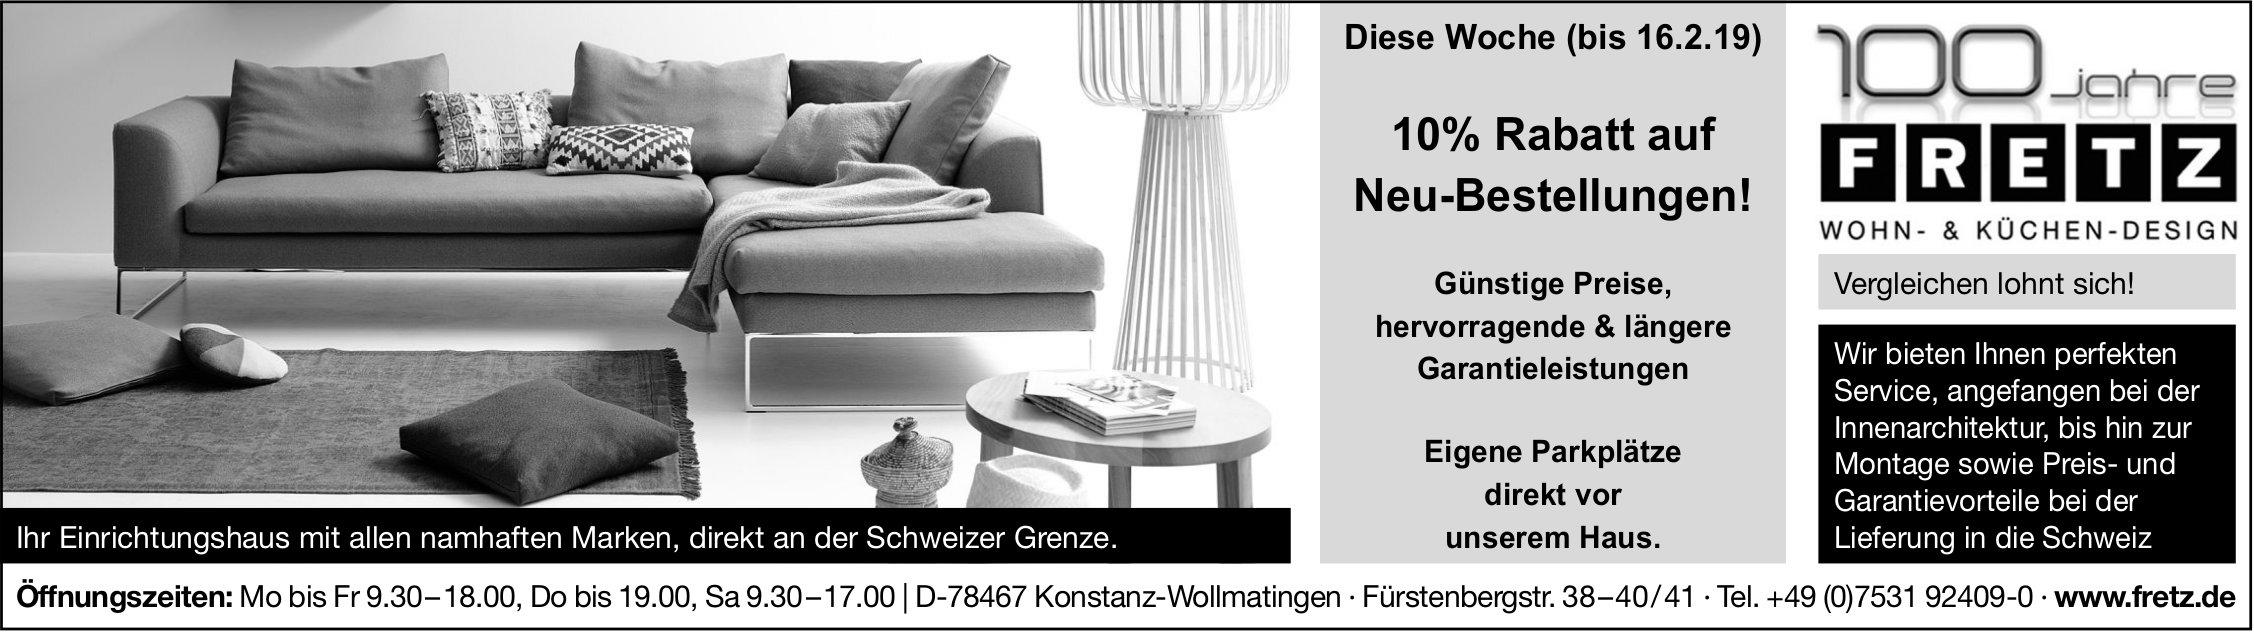 10% Rabatt auf Neu-Bestellungen, Fretz Wohn- & Küchen-Design